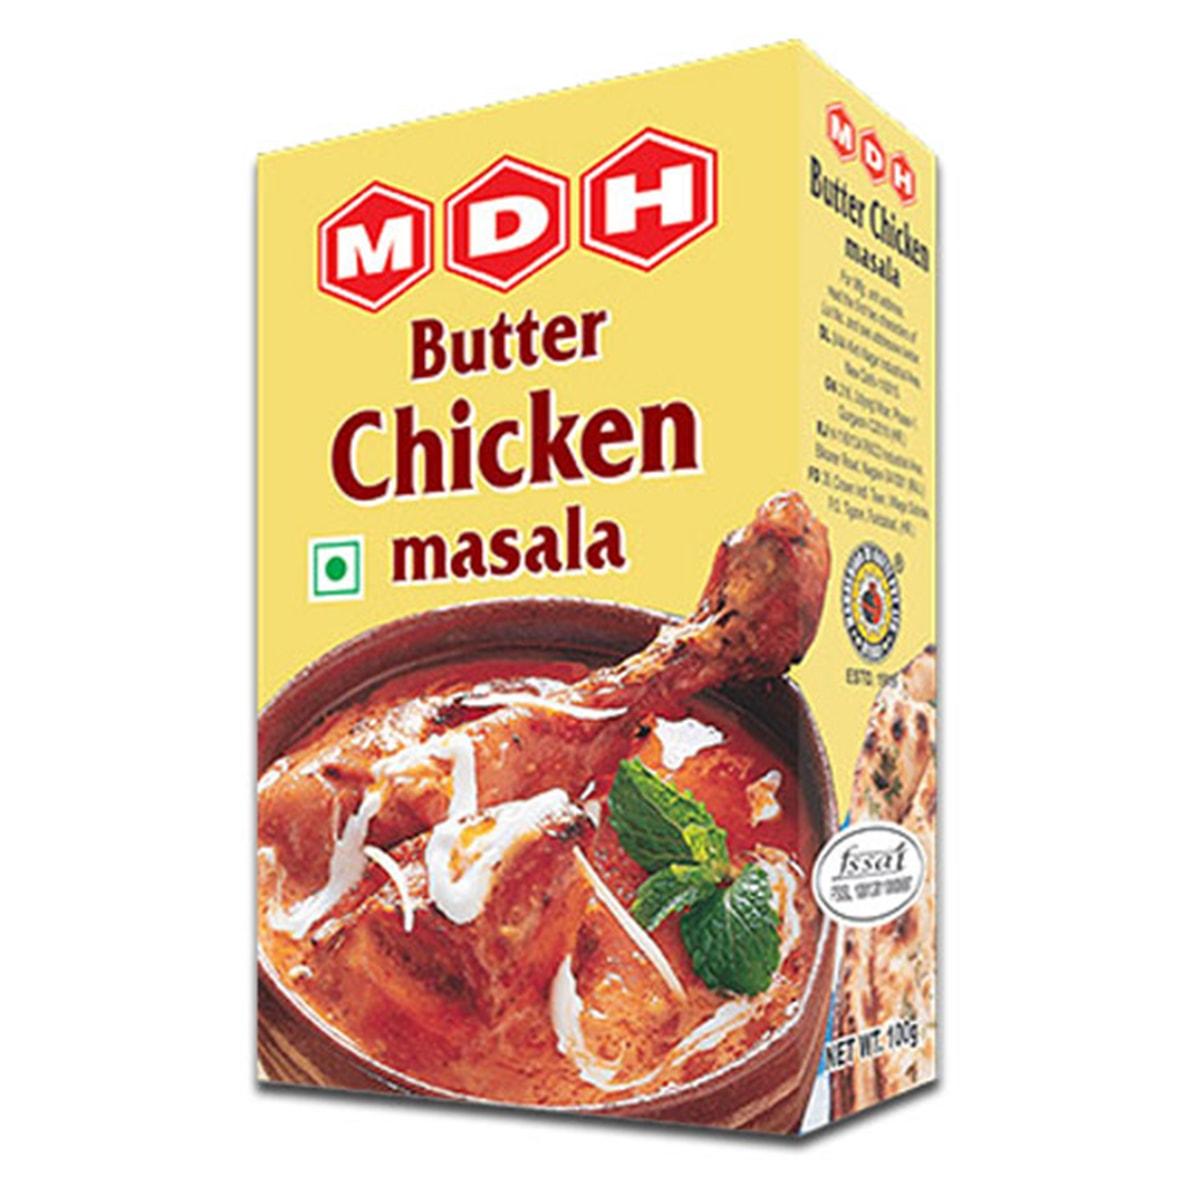 Buy MDH Butter Chicken Masala - 100 gm